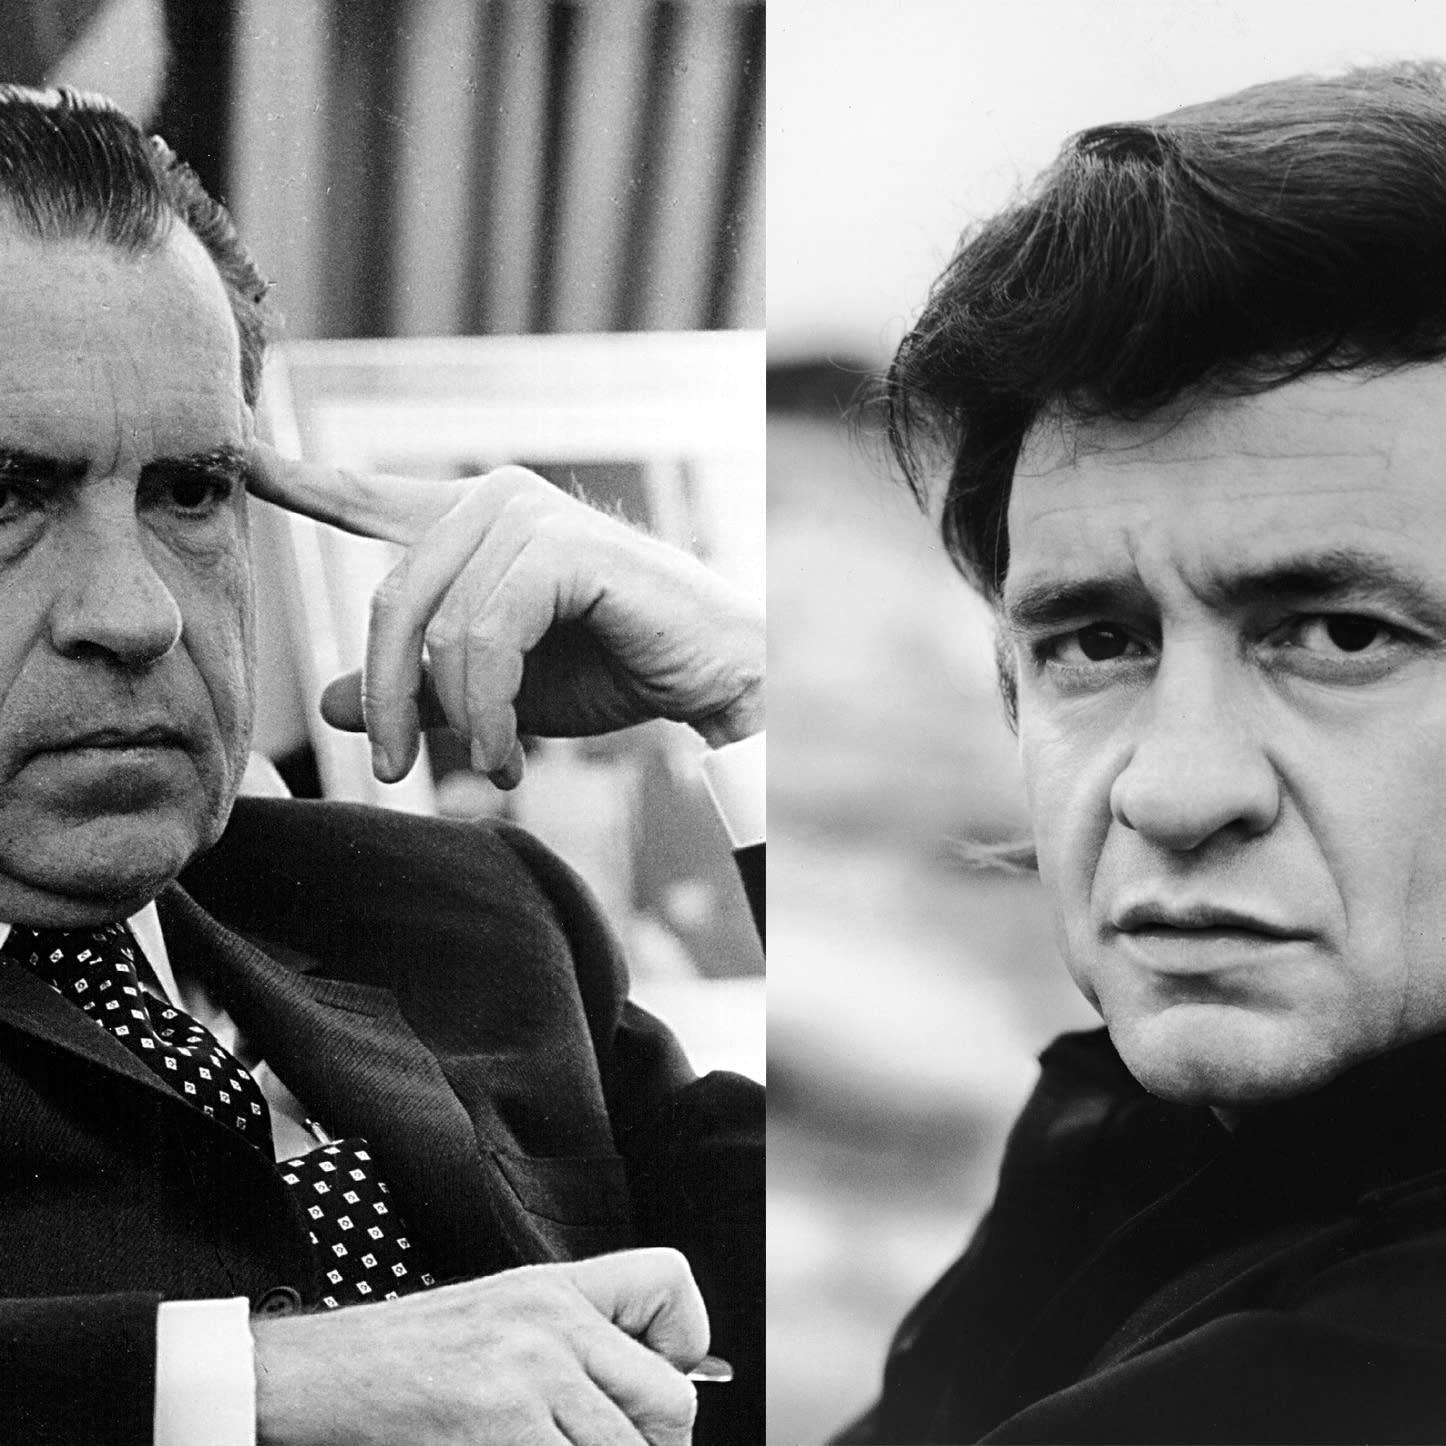 Richard Nixon and Johnny Cash